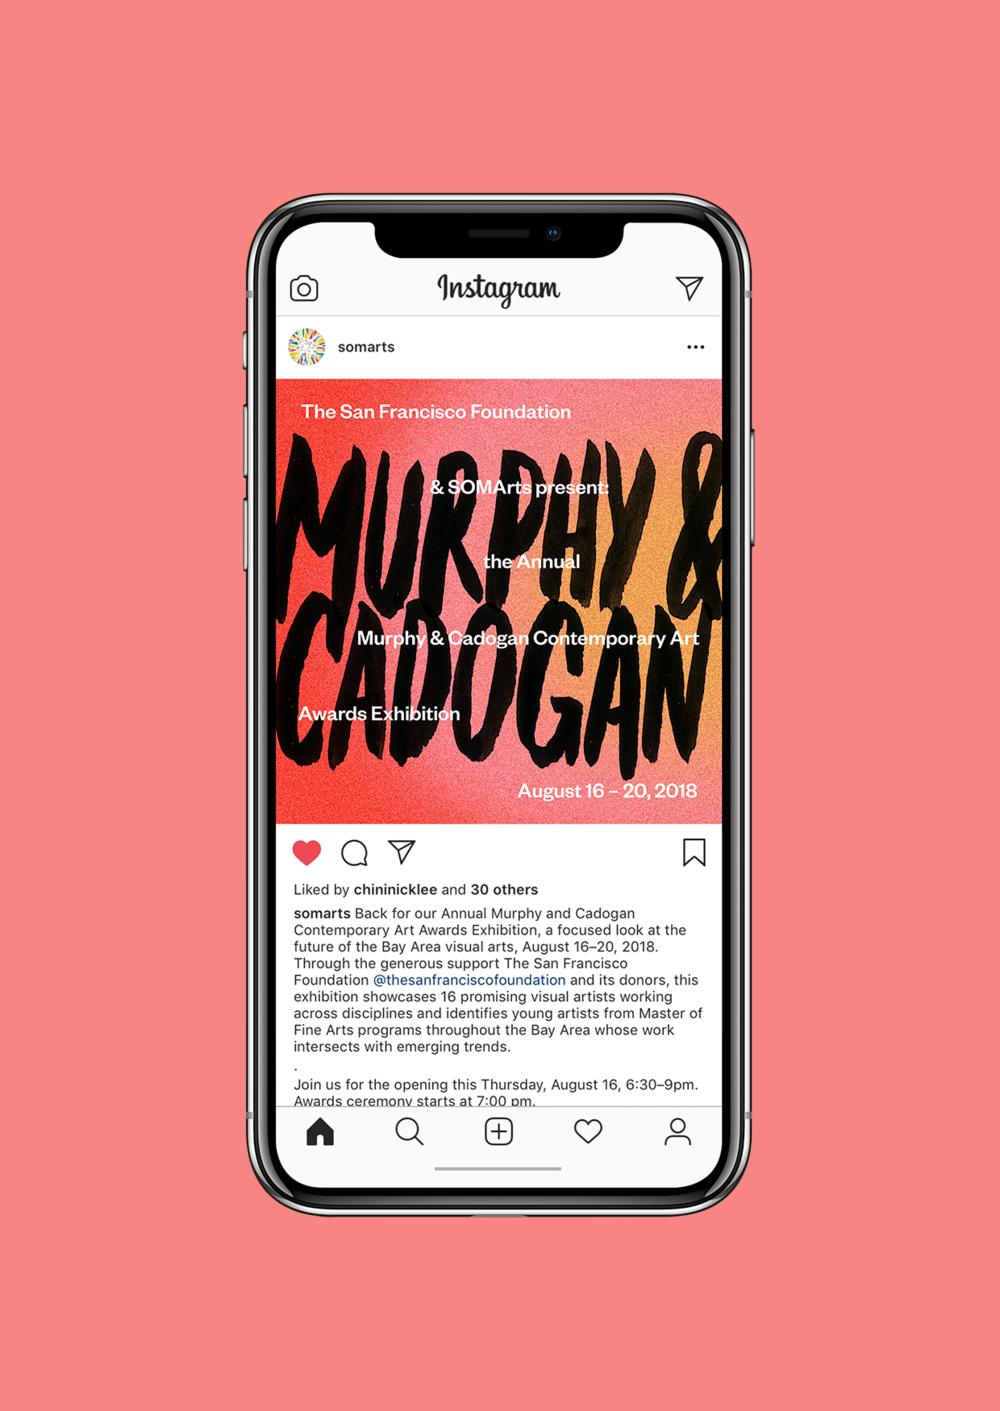 MurphyCadogan_Instagram_v1.png